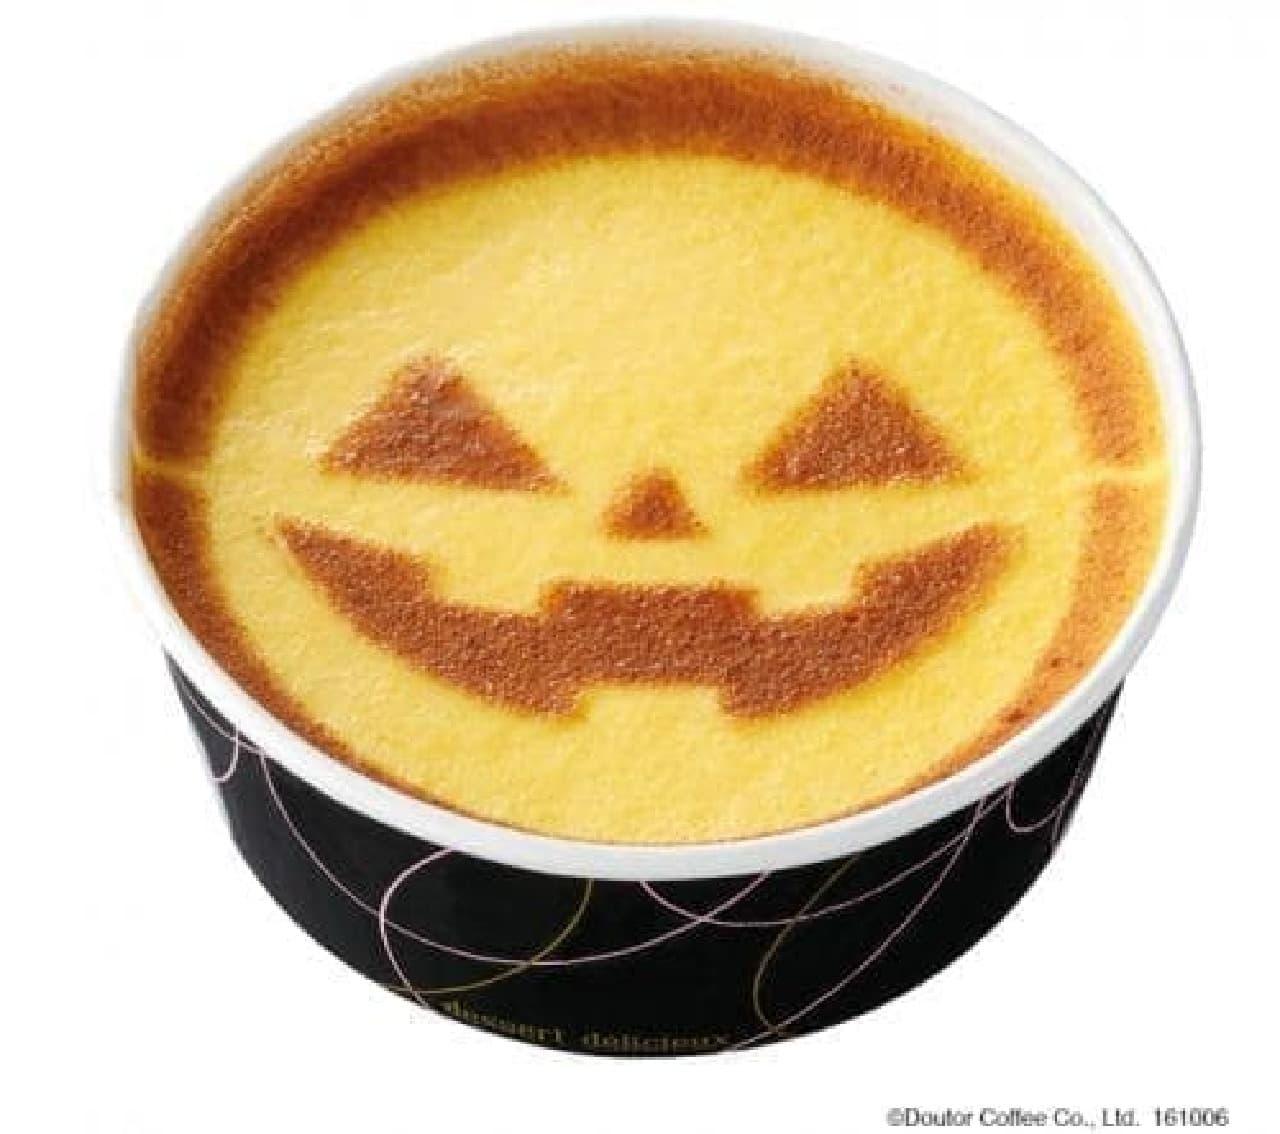 ドトールコーヒー「かぼちゃおばけのムースケーキ」